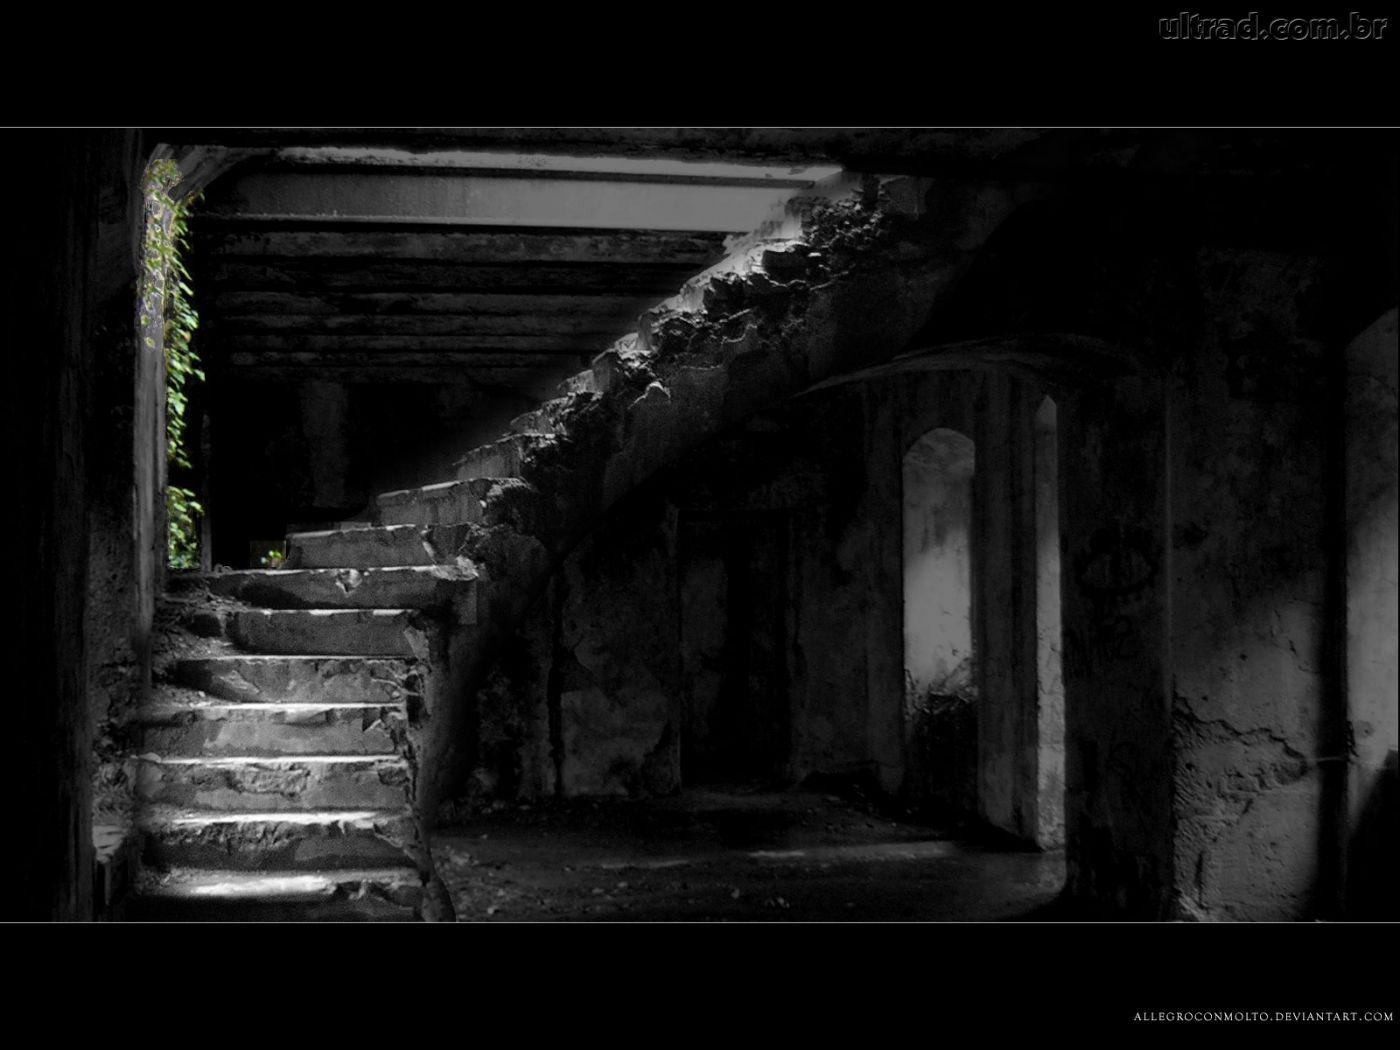 http://4.bp.blogspot.com/-0E6PtzliPFU/TahKbzhQjMI/AAAAAAAAAKQ/-g3ocqBtjE0/s1600/185003_Papel-de-Parede-Escada-Sinistra_1400x1050.jpg